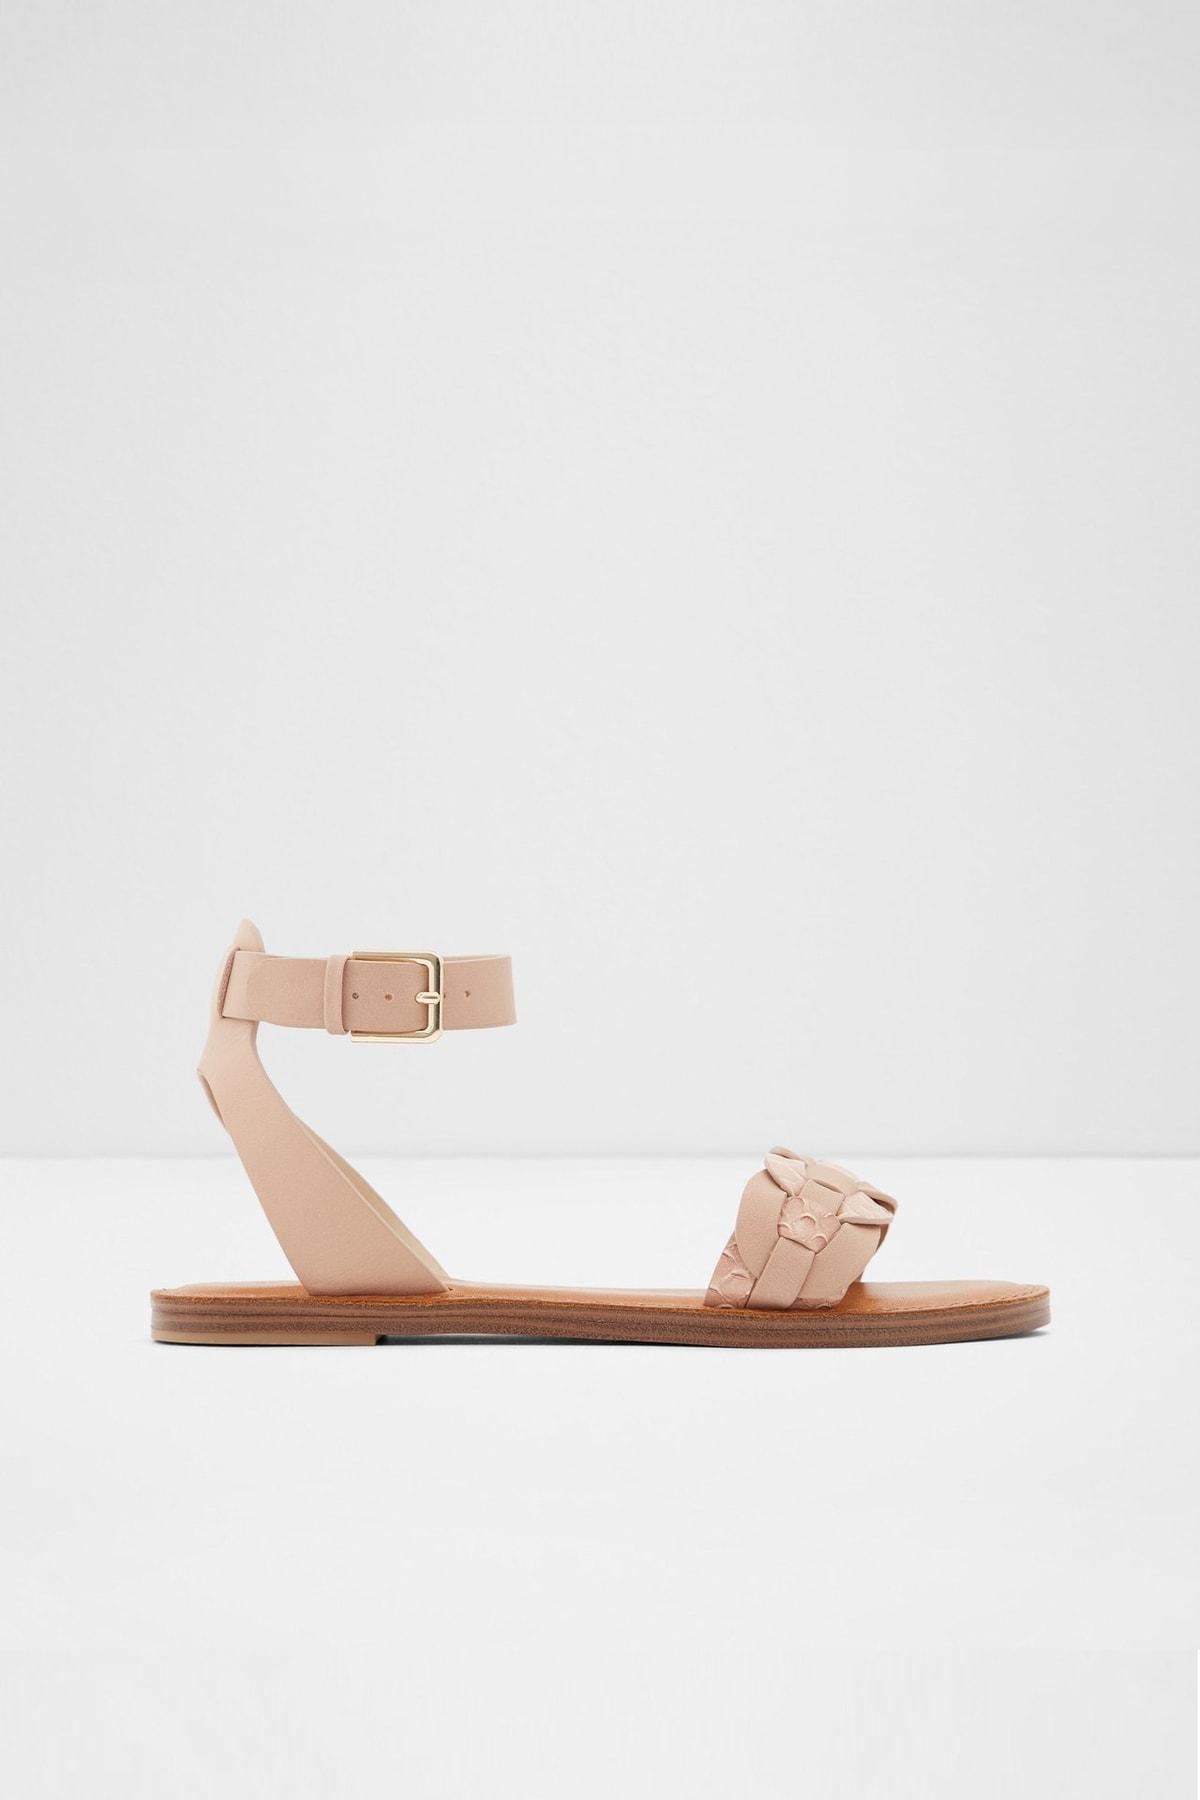 Aldo Kadın Bej Sandalet 1